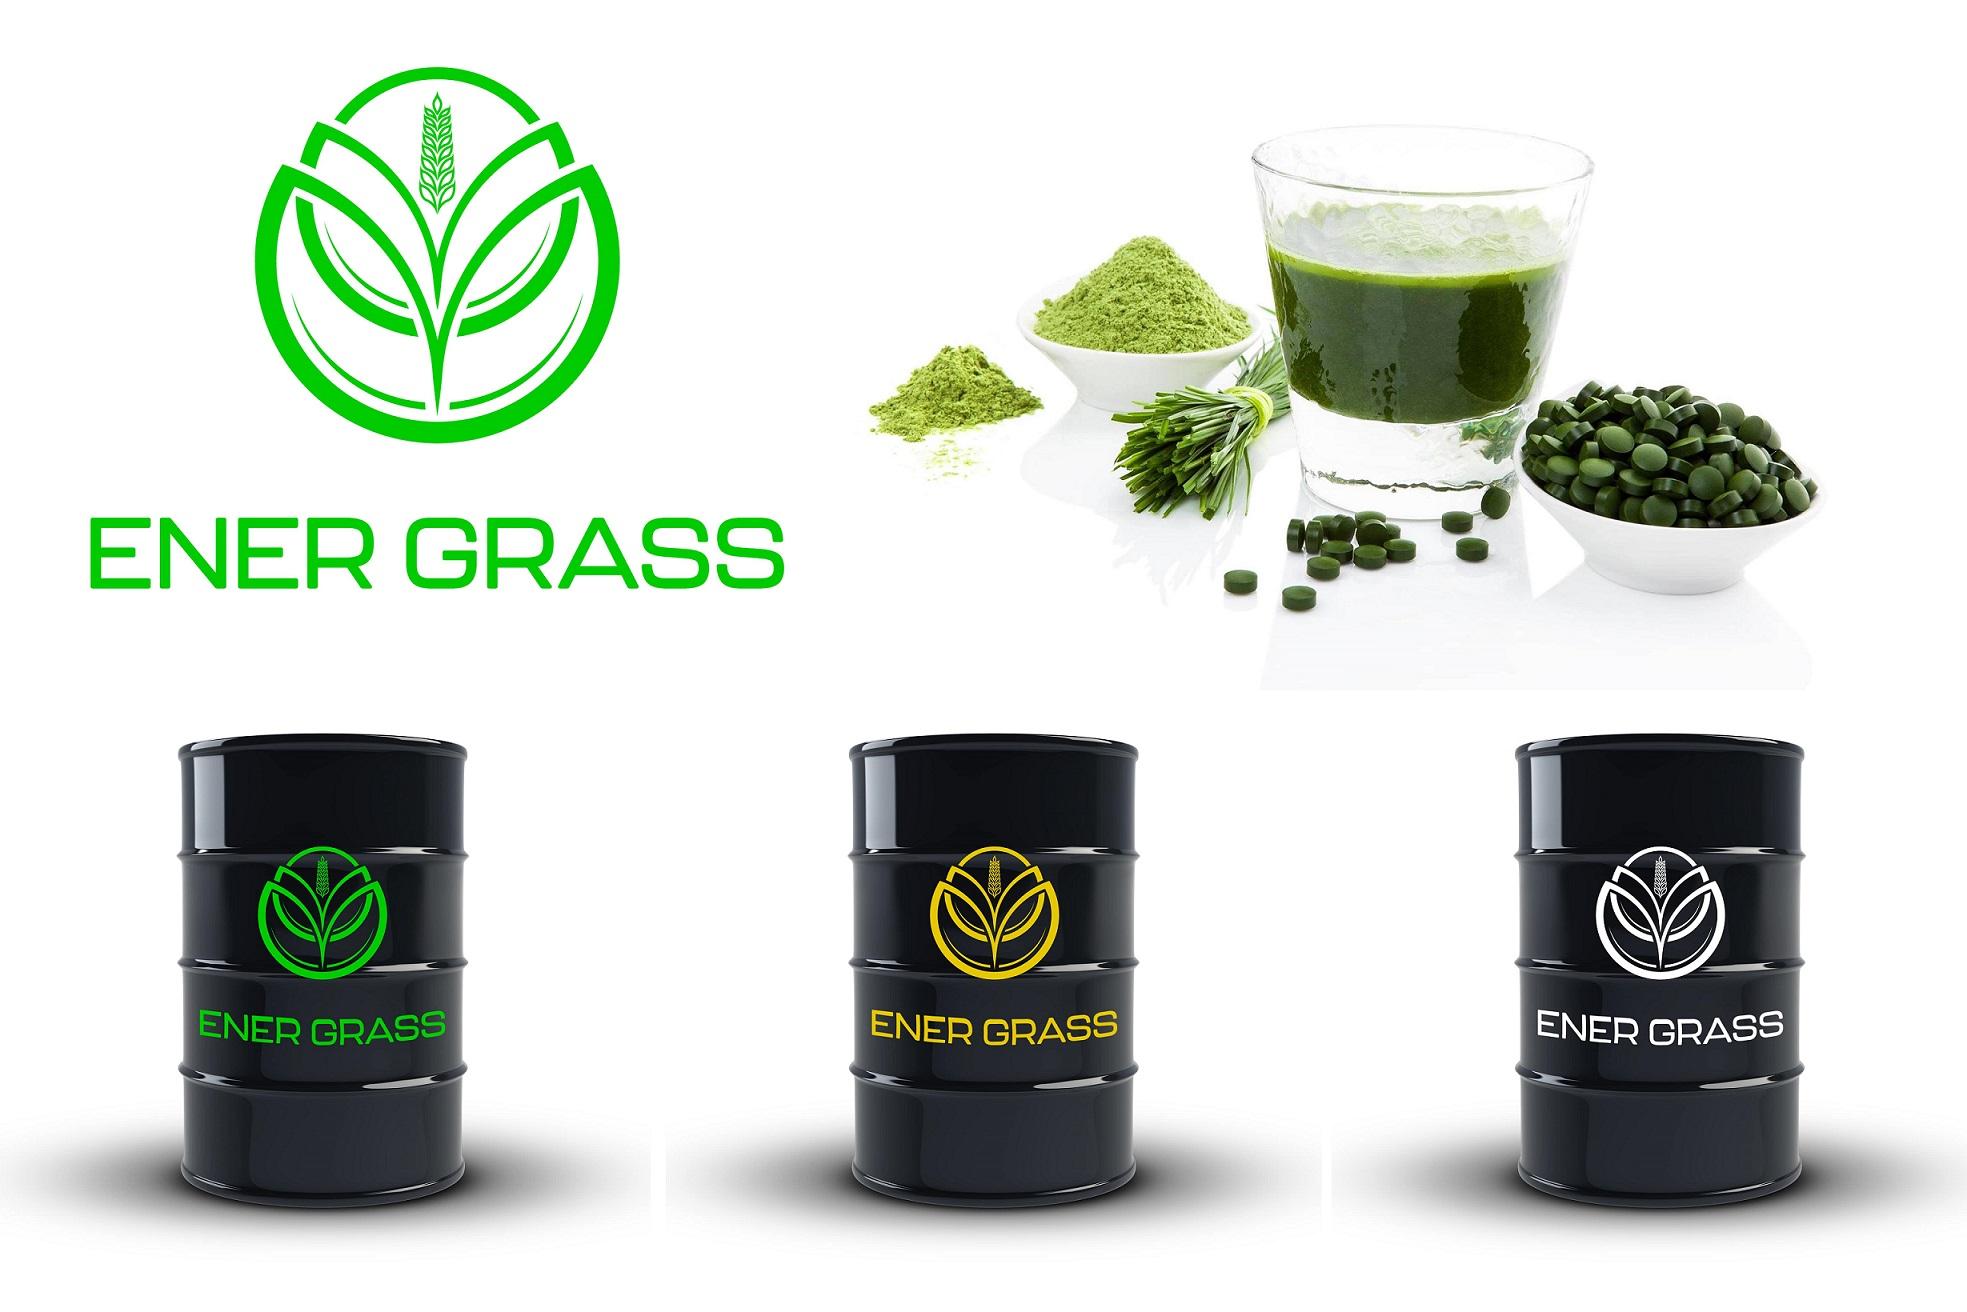 Графический дизайнер для создания логотипа Energrass. фото f_1305f86fe12765df.jpg